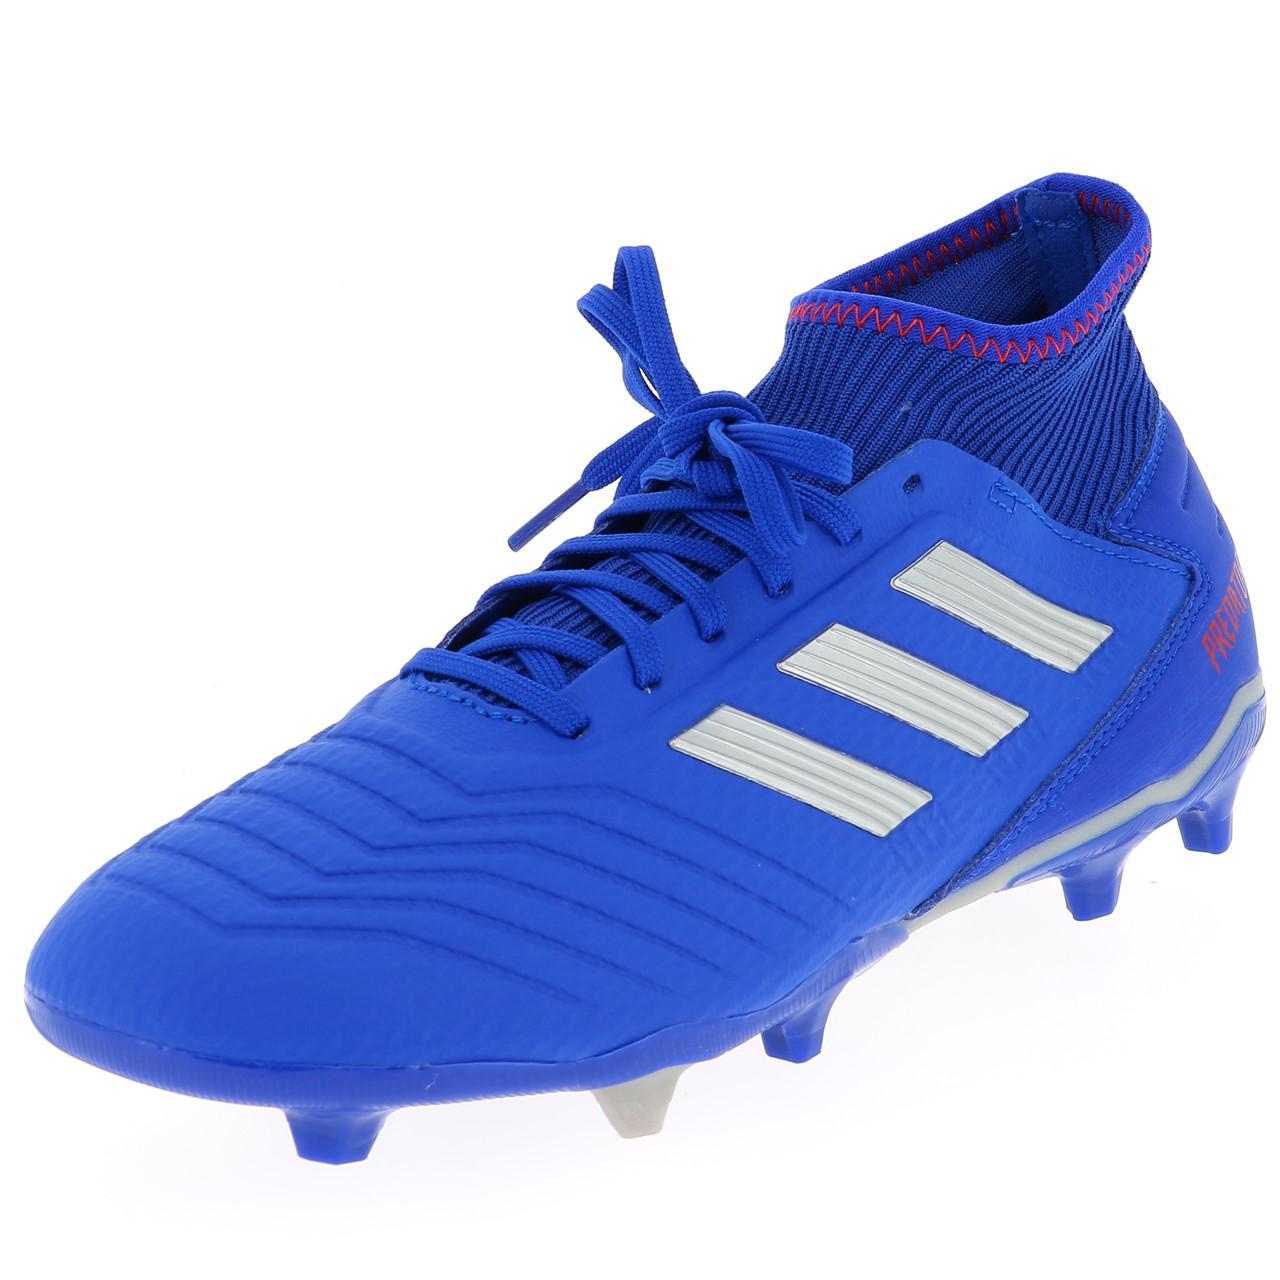 Détails sur Chaussures football lamelles Adidas Predator 19.3 bleu h fg Bleu 41797 Neuf